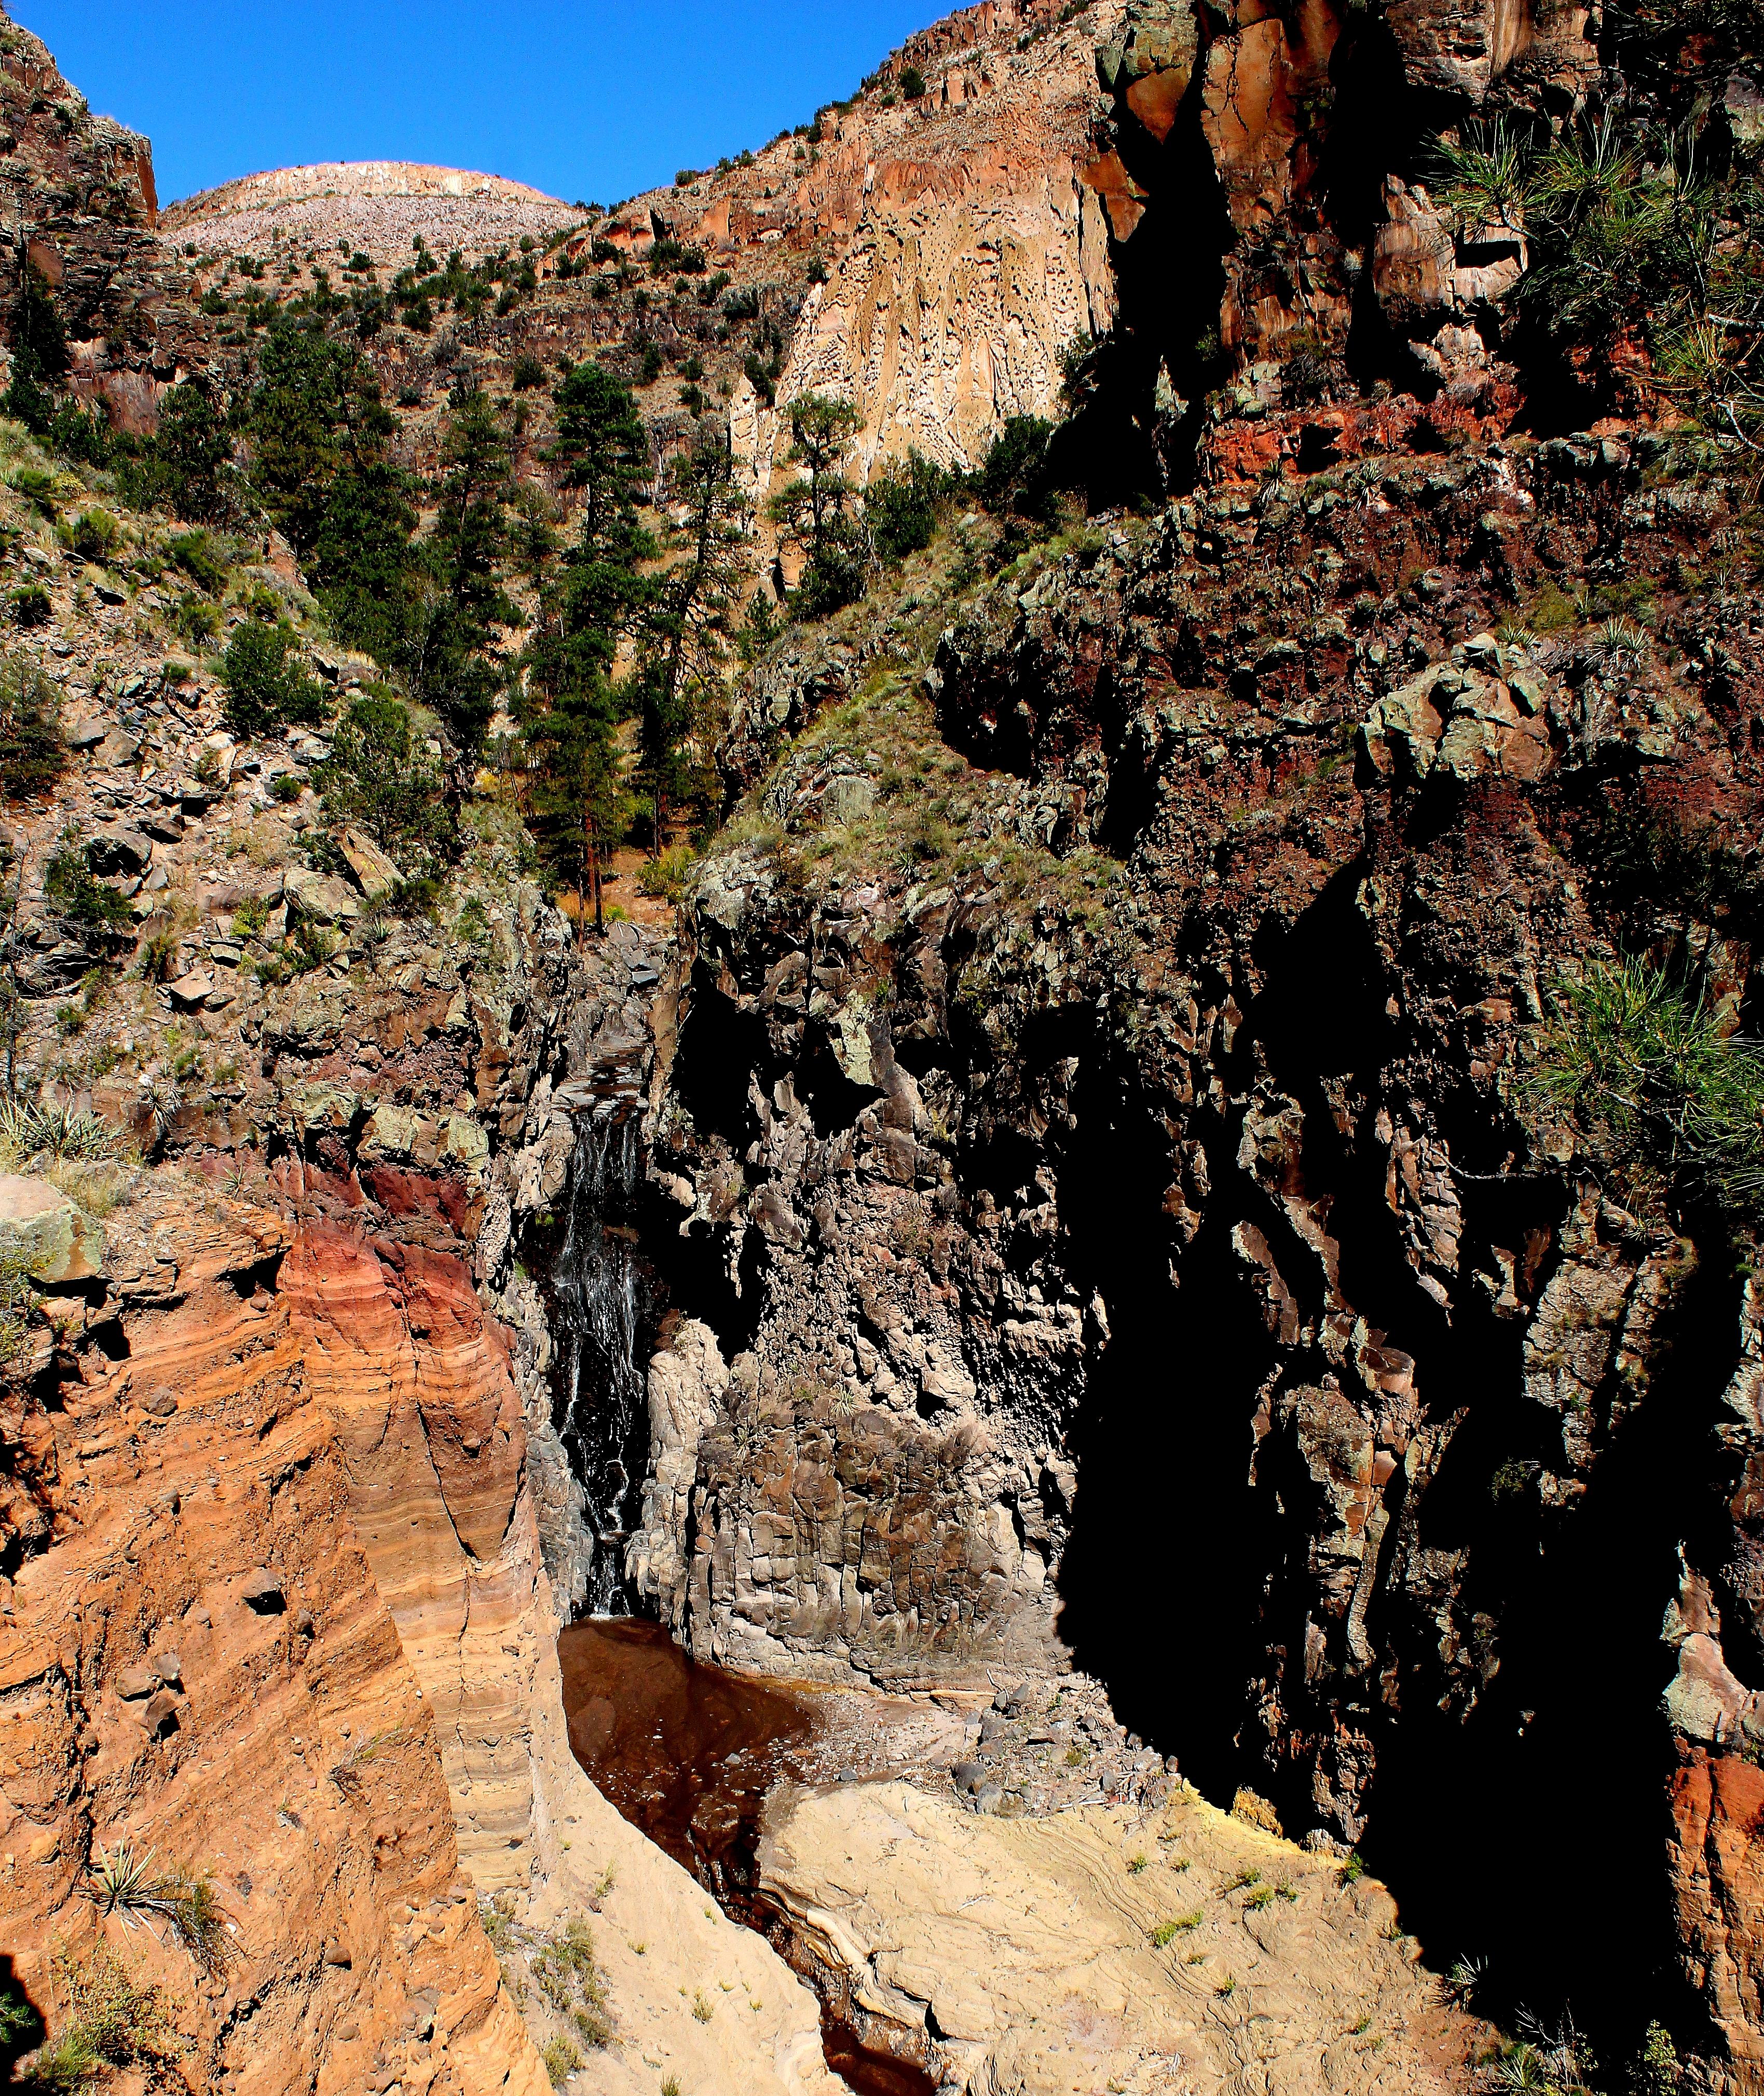 Upper Falls at Bandelier